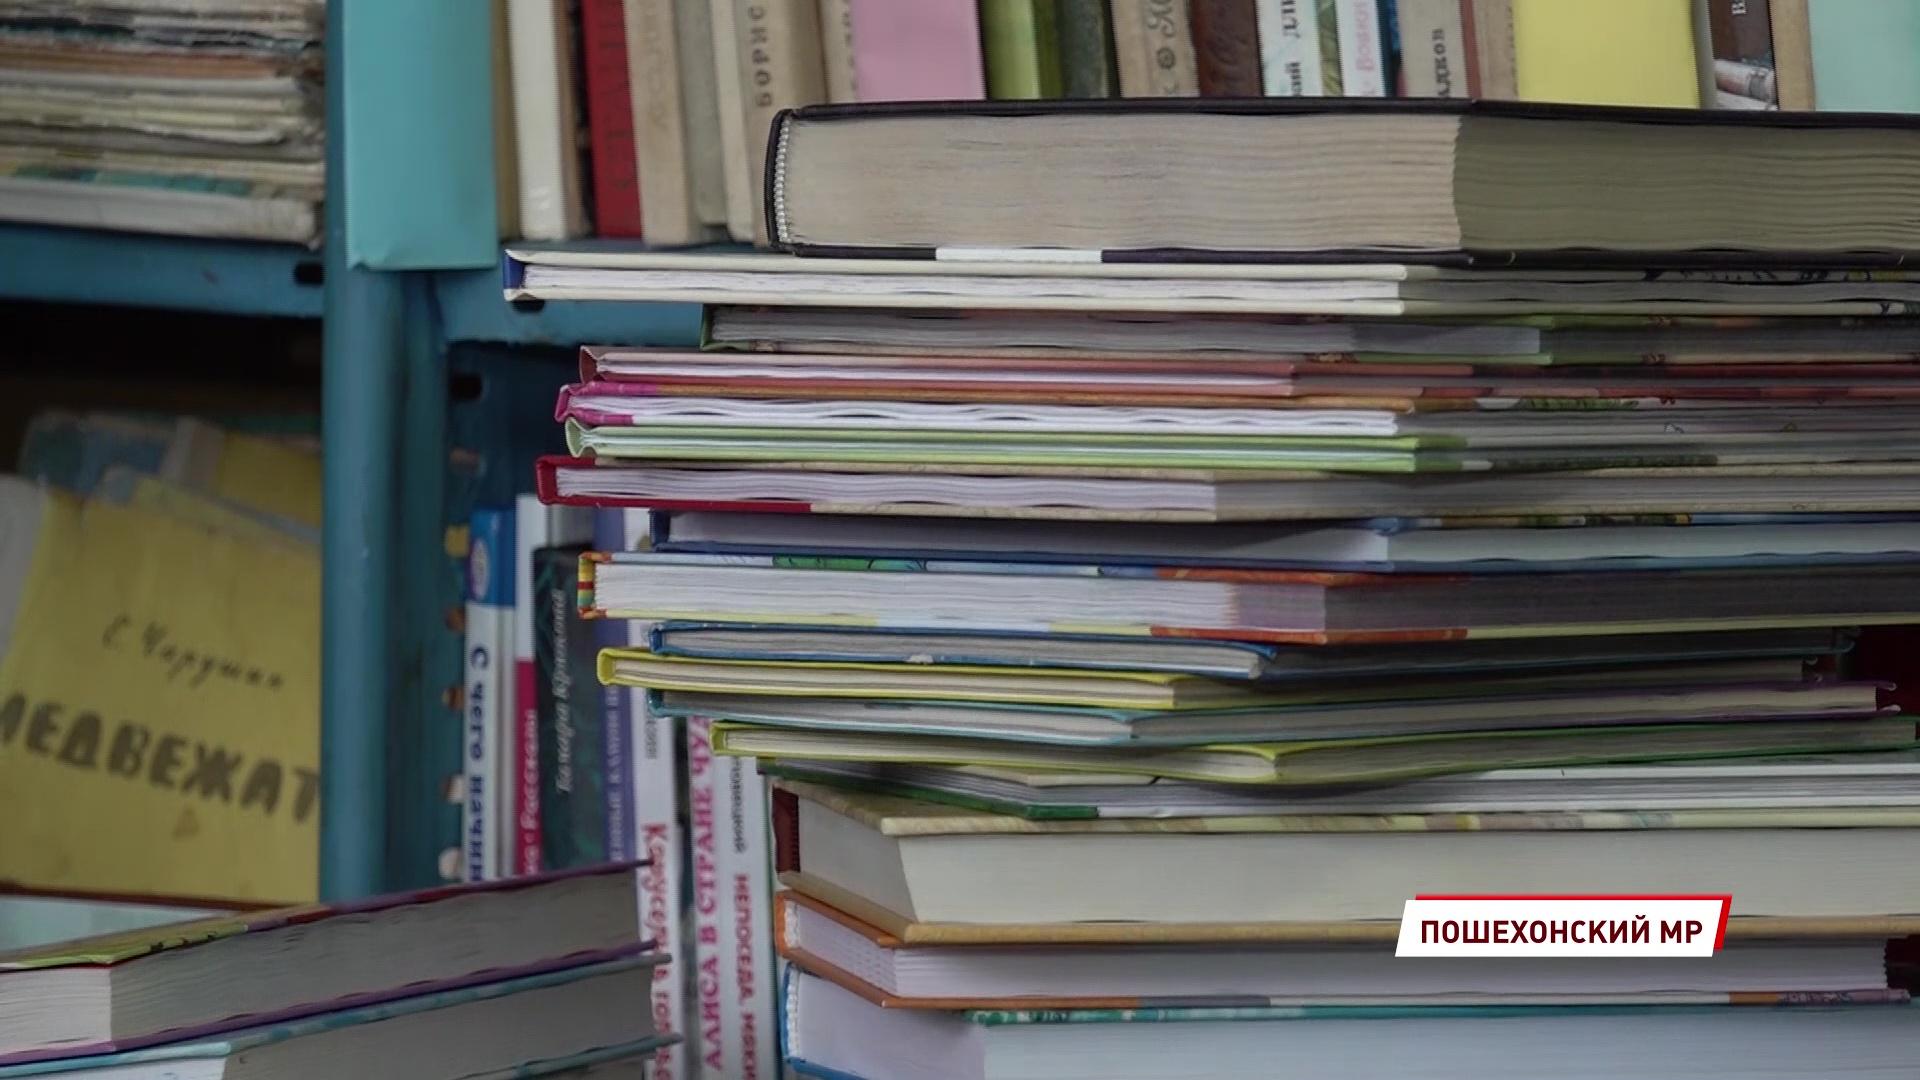 133 килограмма радости: для детей из села Белого собрали более трехсот книг